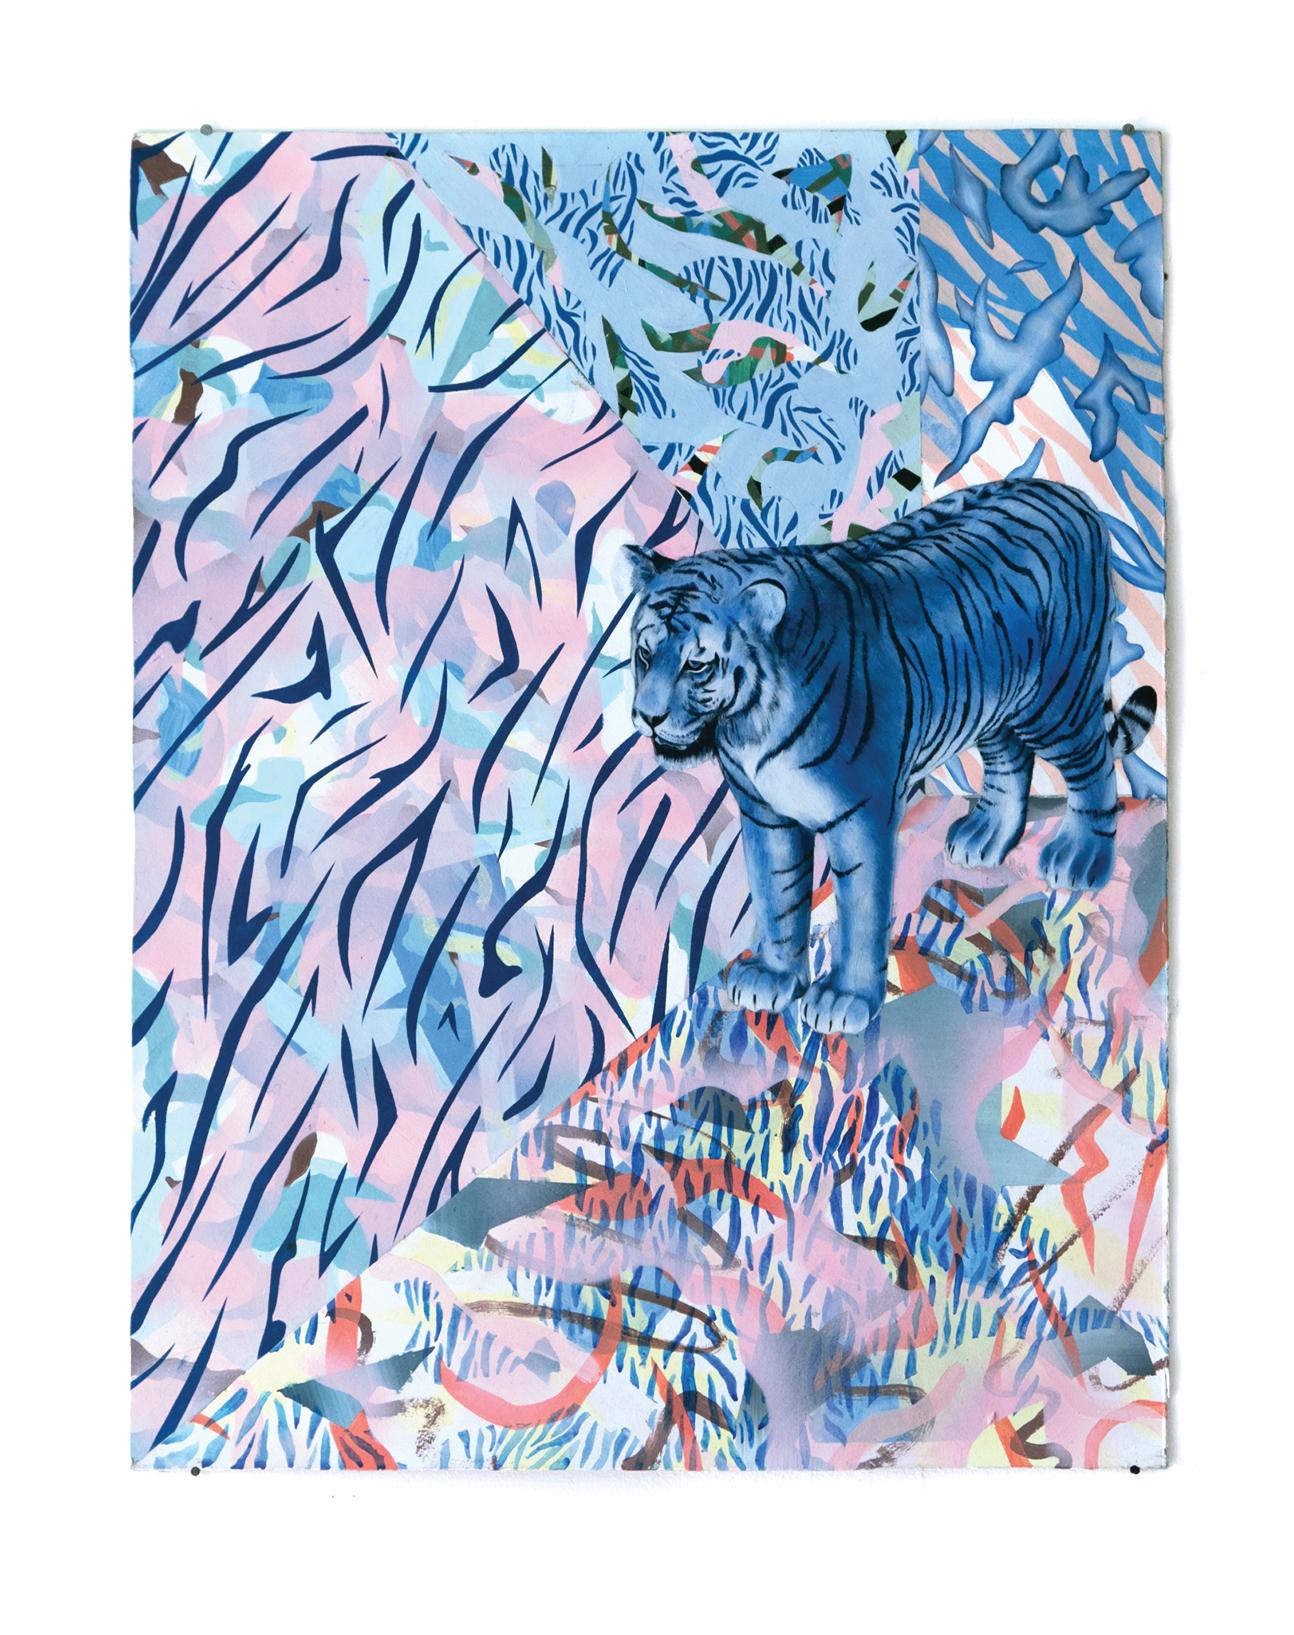 Bobby - Peinture à l'huile et acrylique sur carton - 65x50 cm - 2018